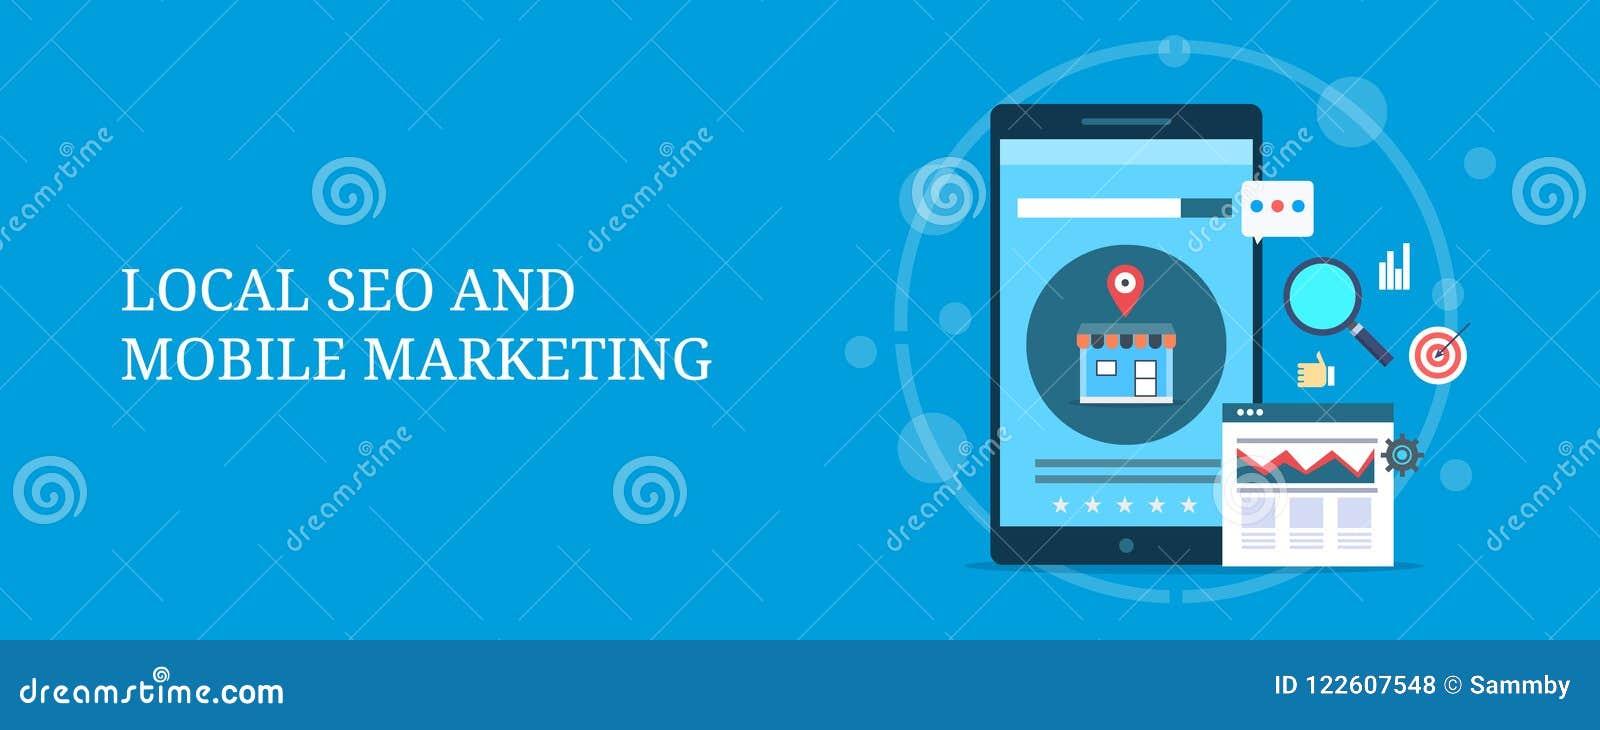 Lista local do mapa do seo para o móbil, otimização da loja do comércio eletrônico para o conceito local da busca Bandeira lisa d